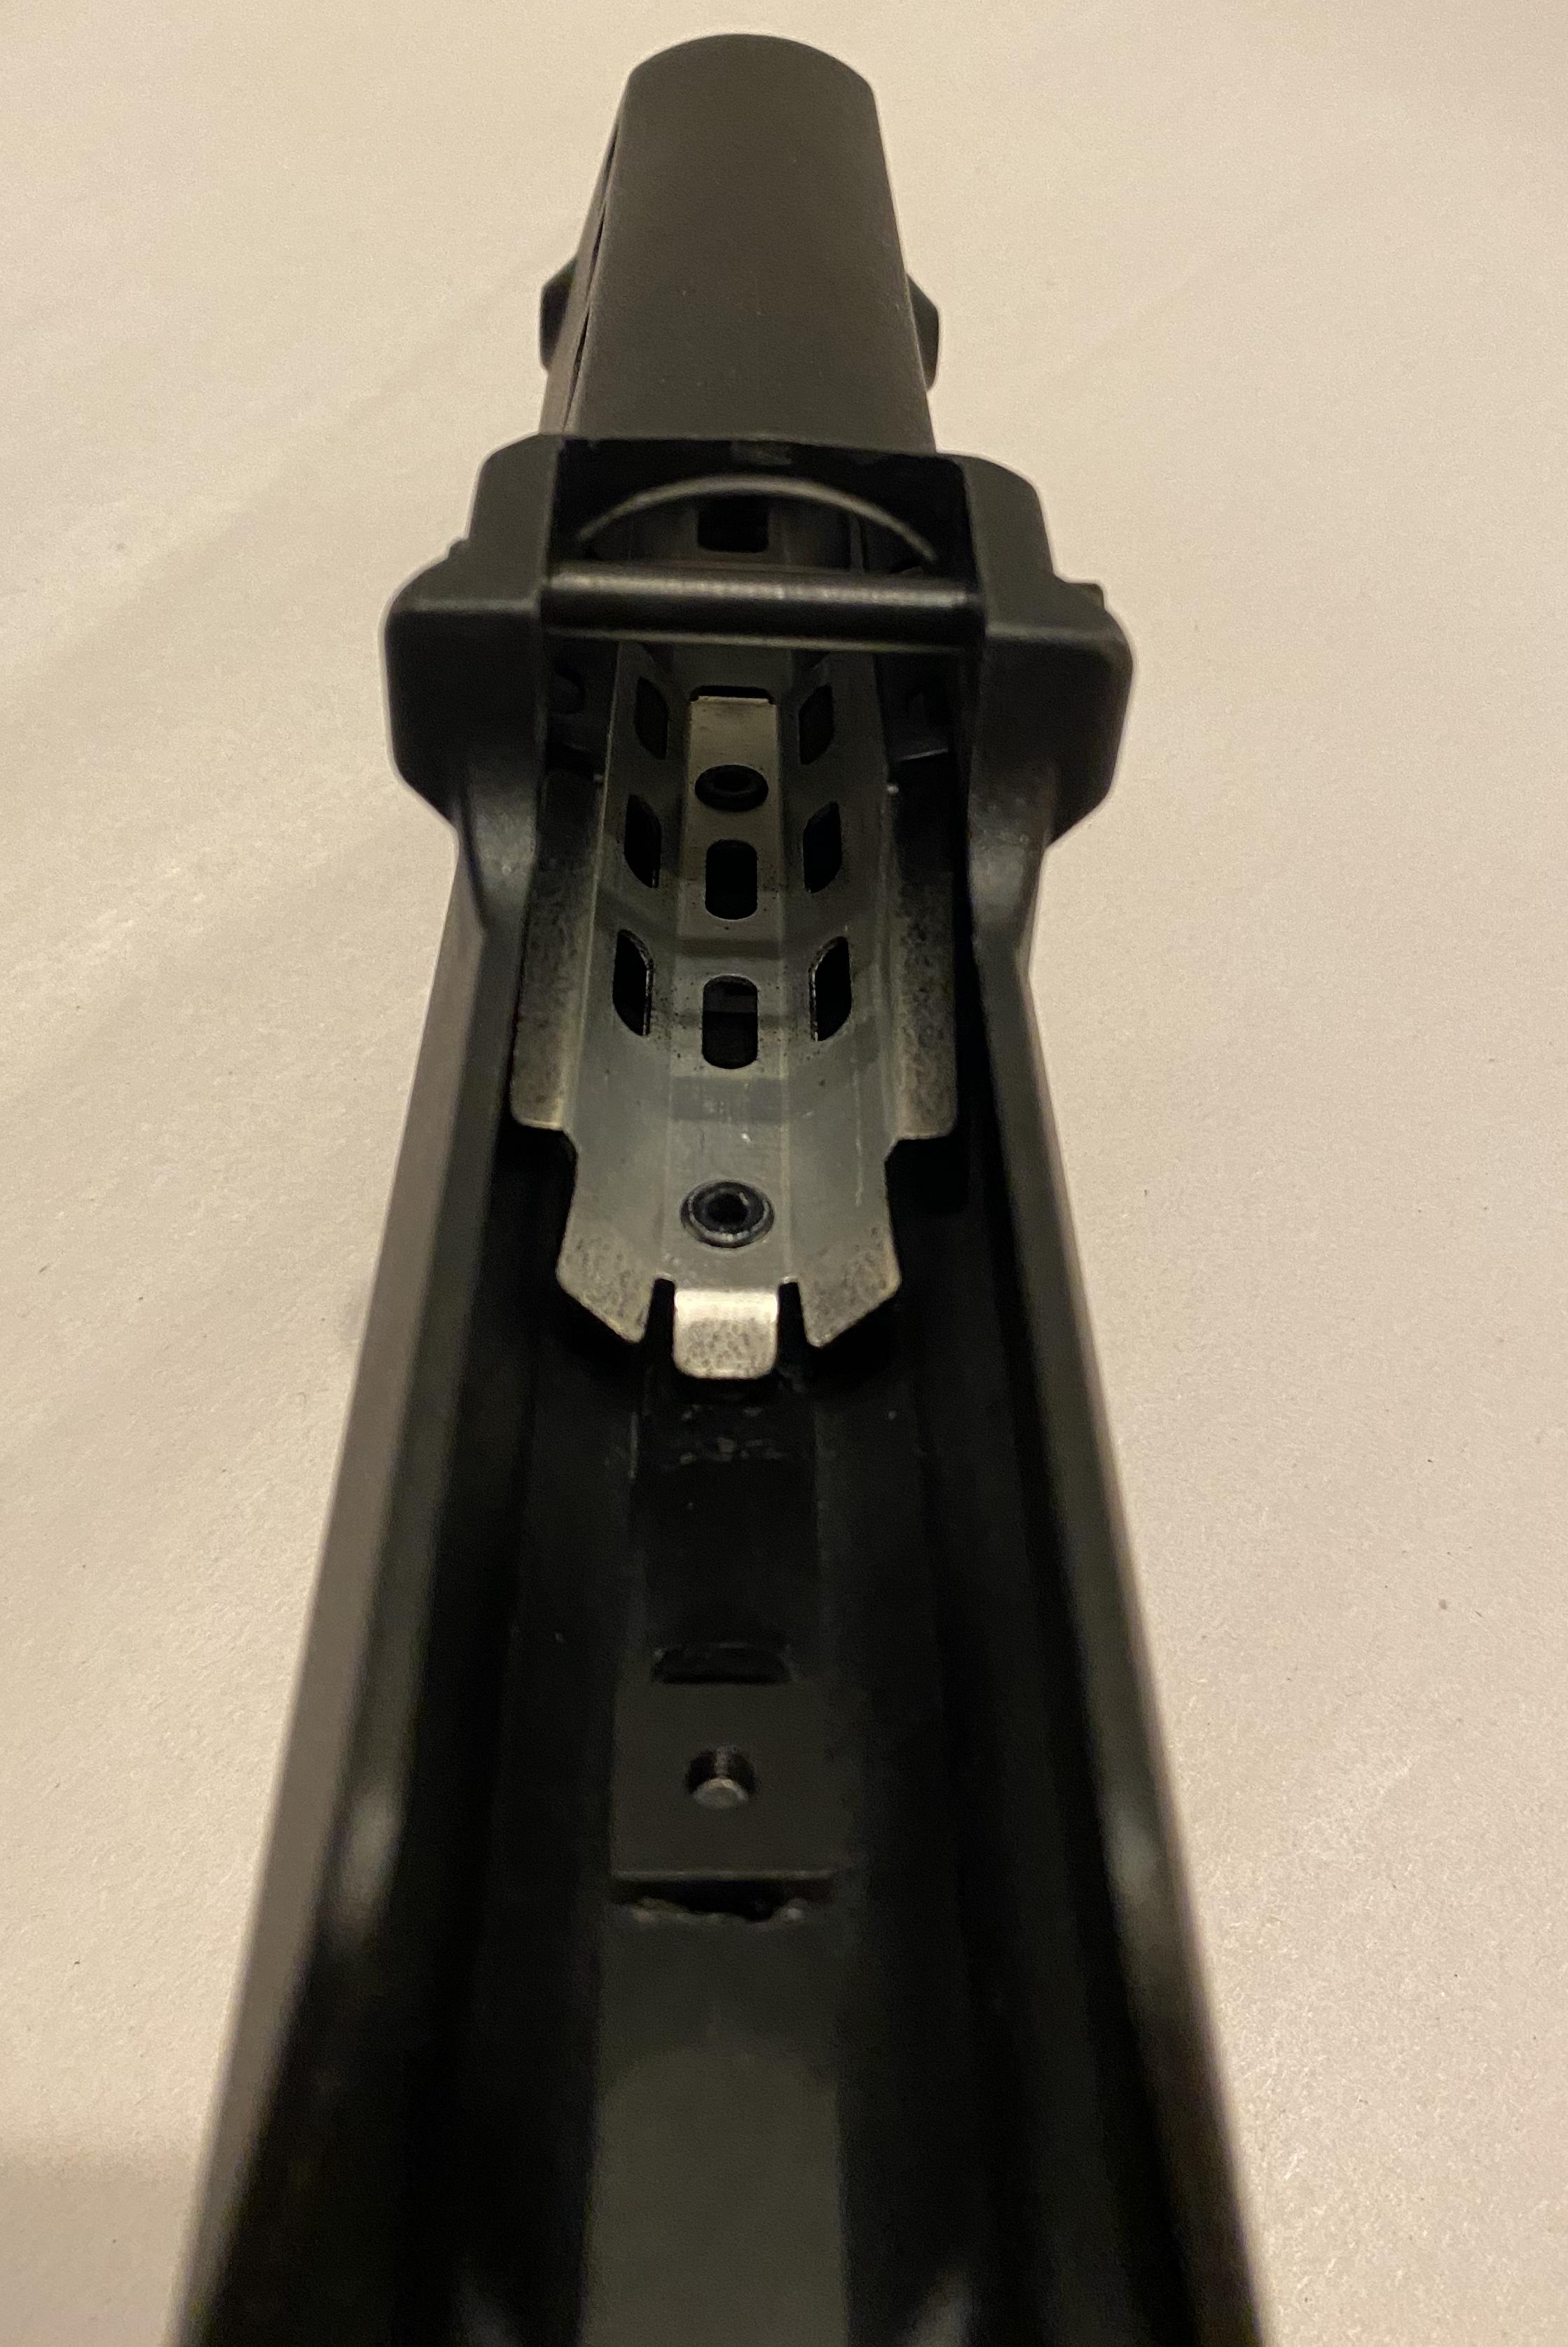 WTS: Parts list-G36E/K handguards, sight rails, G28 FH, MR556/416 stock/grip, VP9/P30-1fef8609-611d-4b30-a849-60c4a6683a2a.jpeg